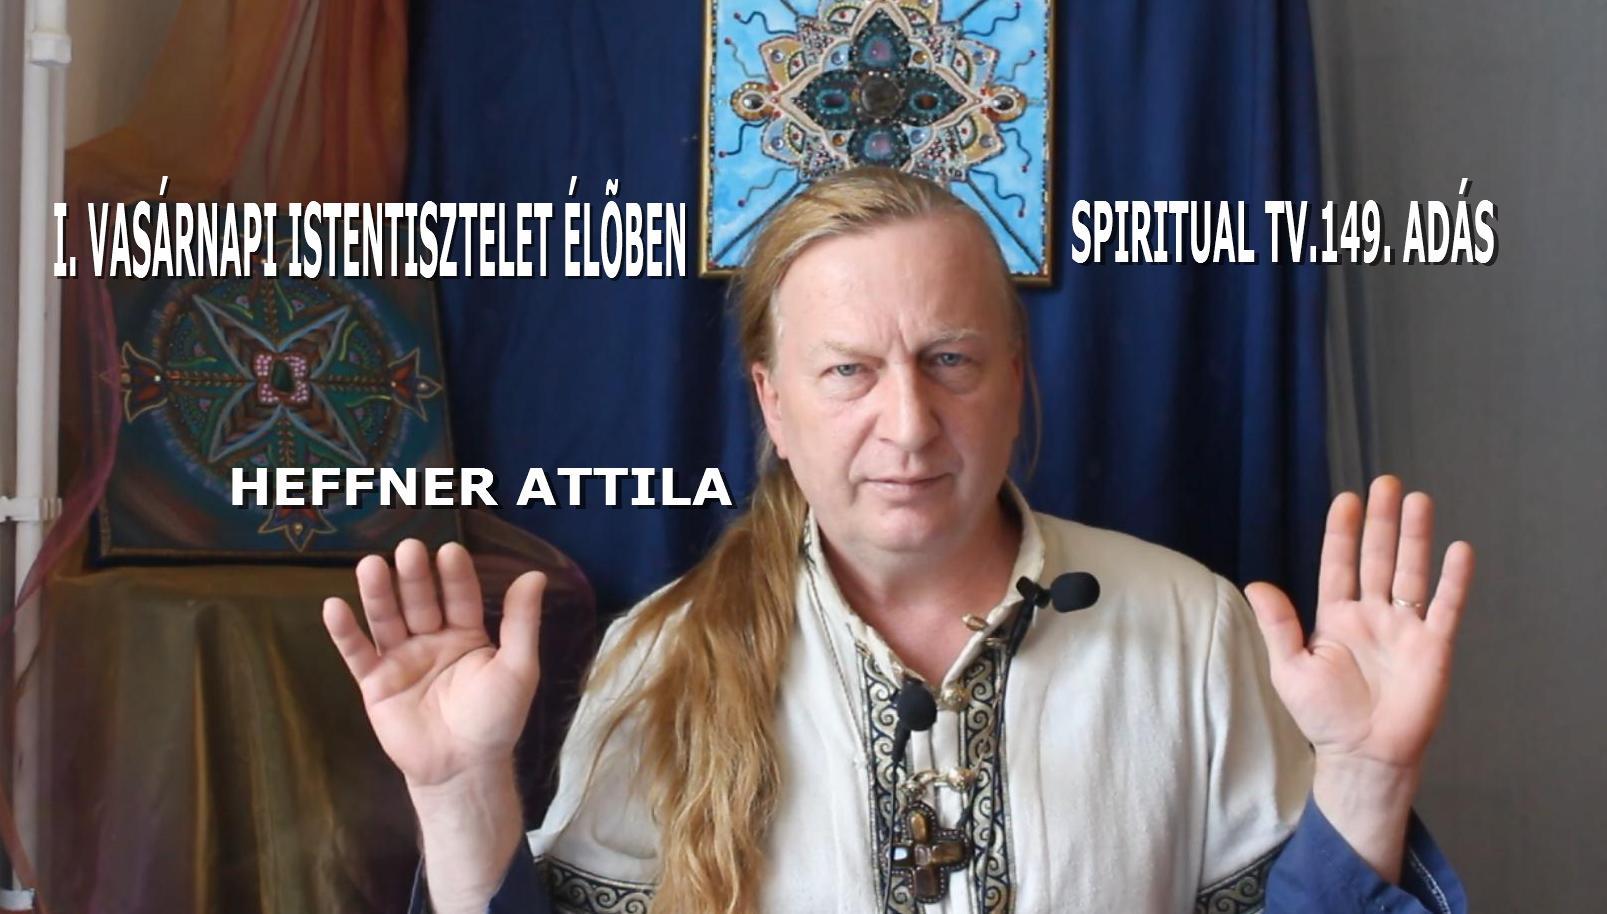 www.spiritualtv.hu 2020.07.05.